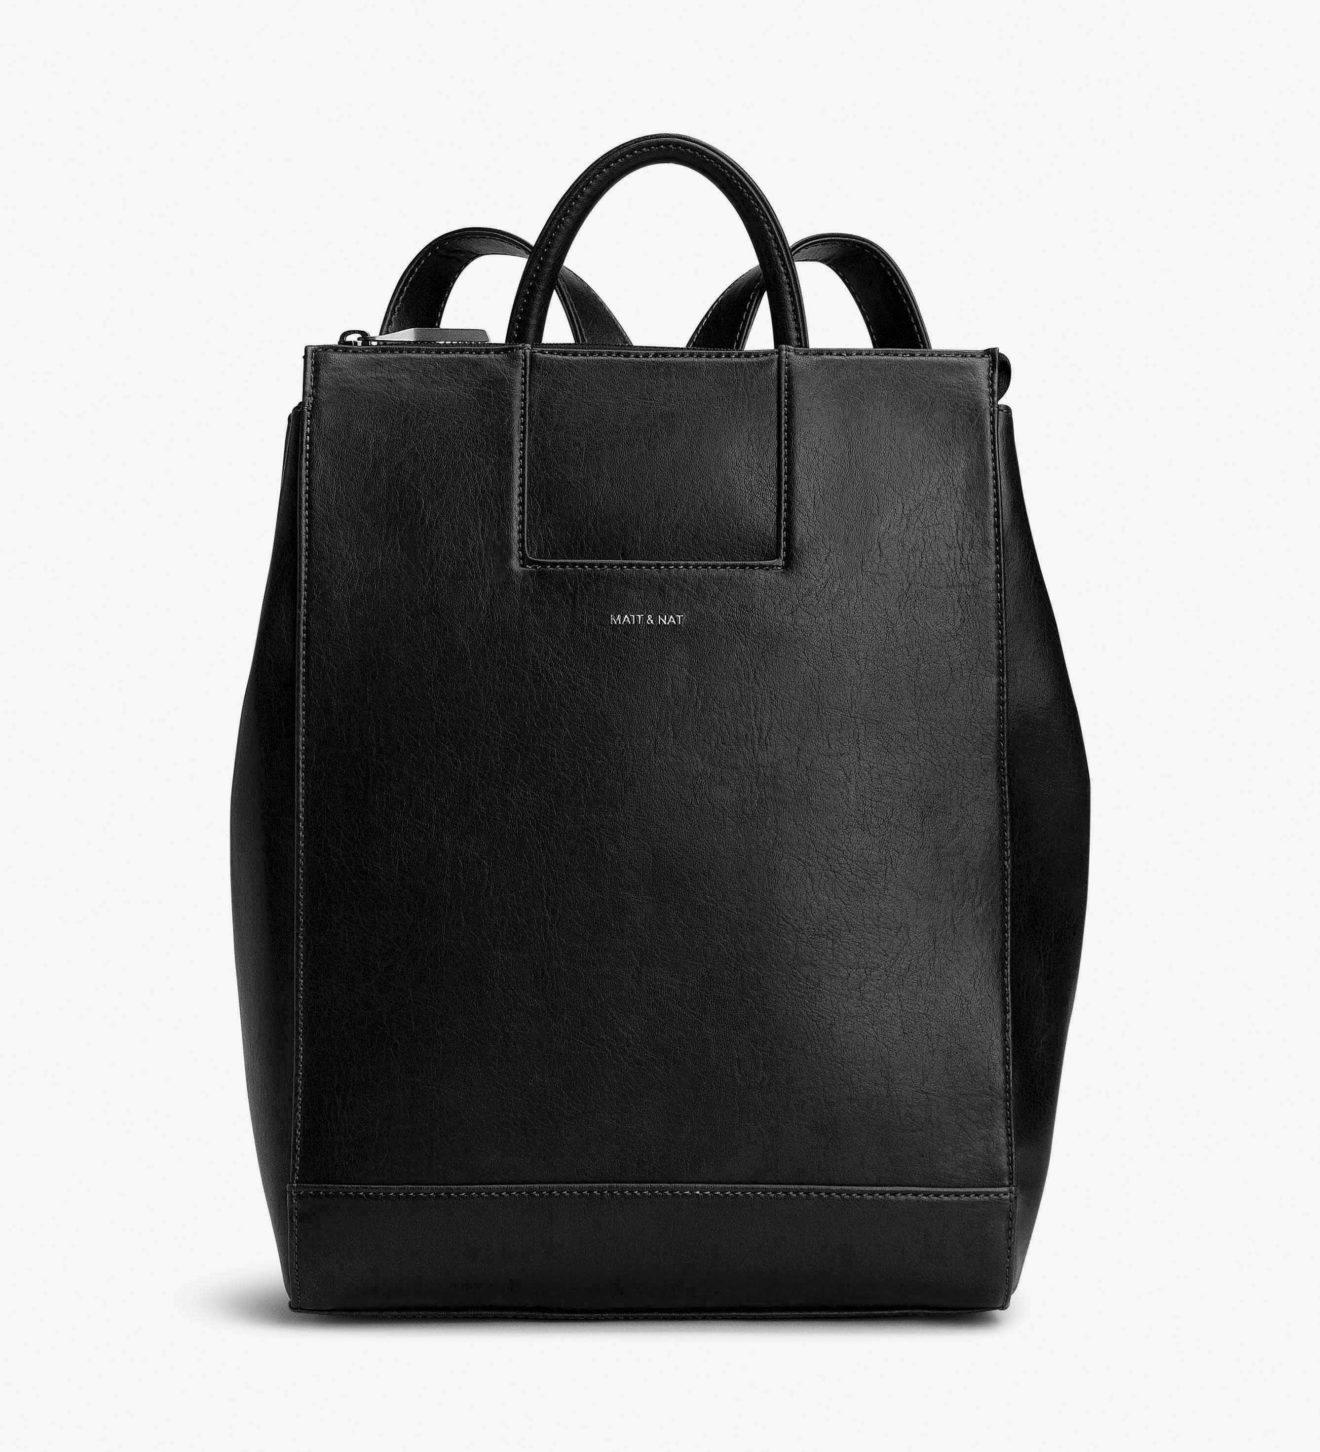 dd2c7f1ac0814 Matt   Nat Handbags to Grab Now Designers - ENTITY